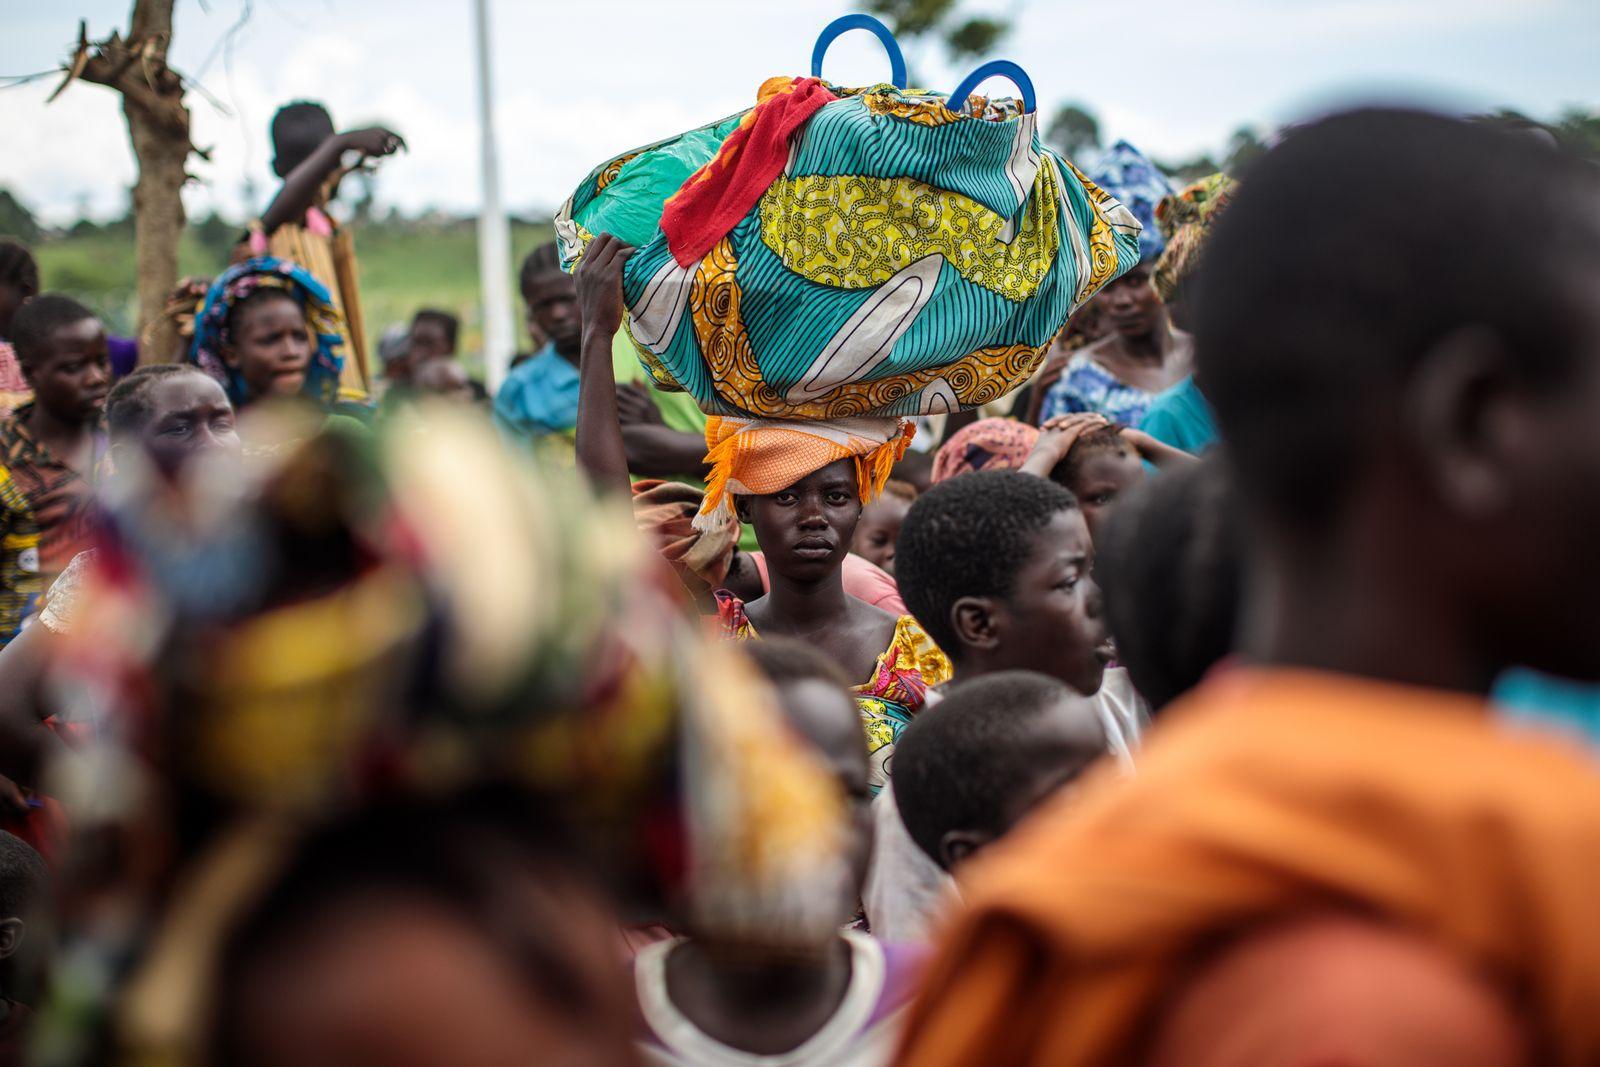 Flüchtlinge Uganda UNHCR KOngo